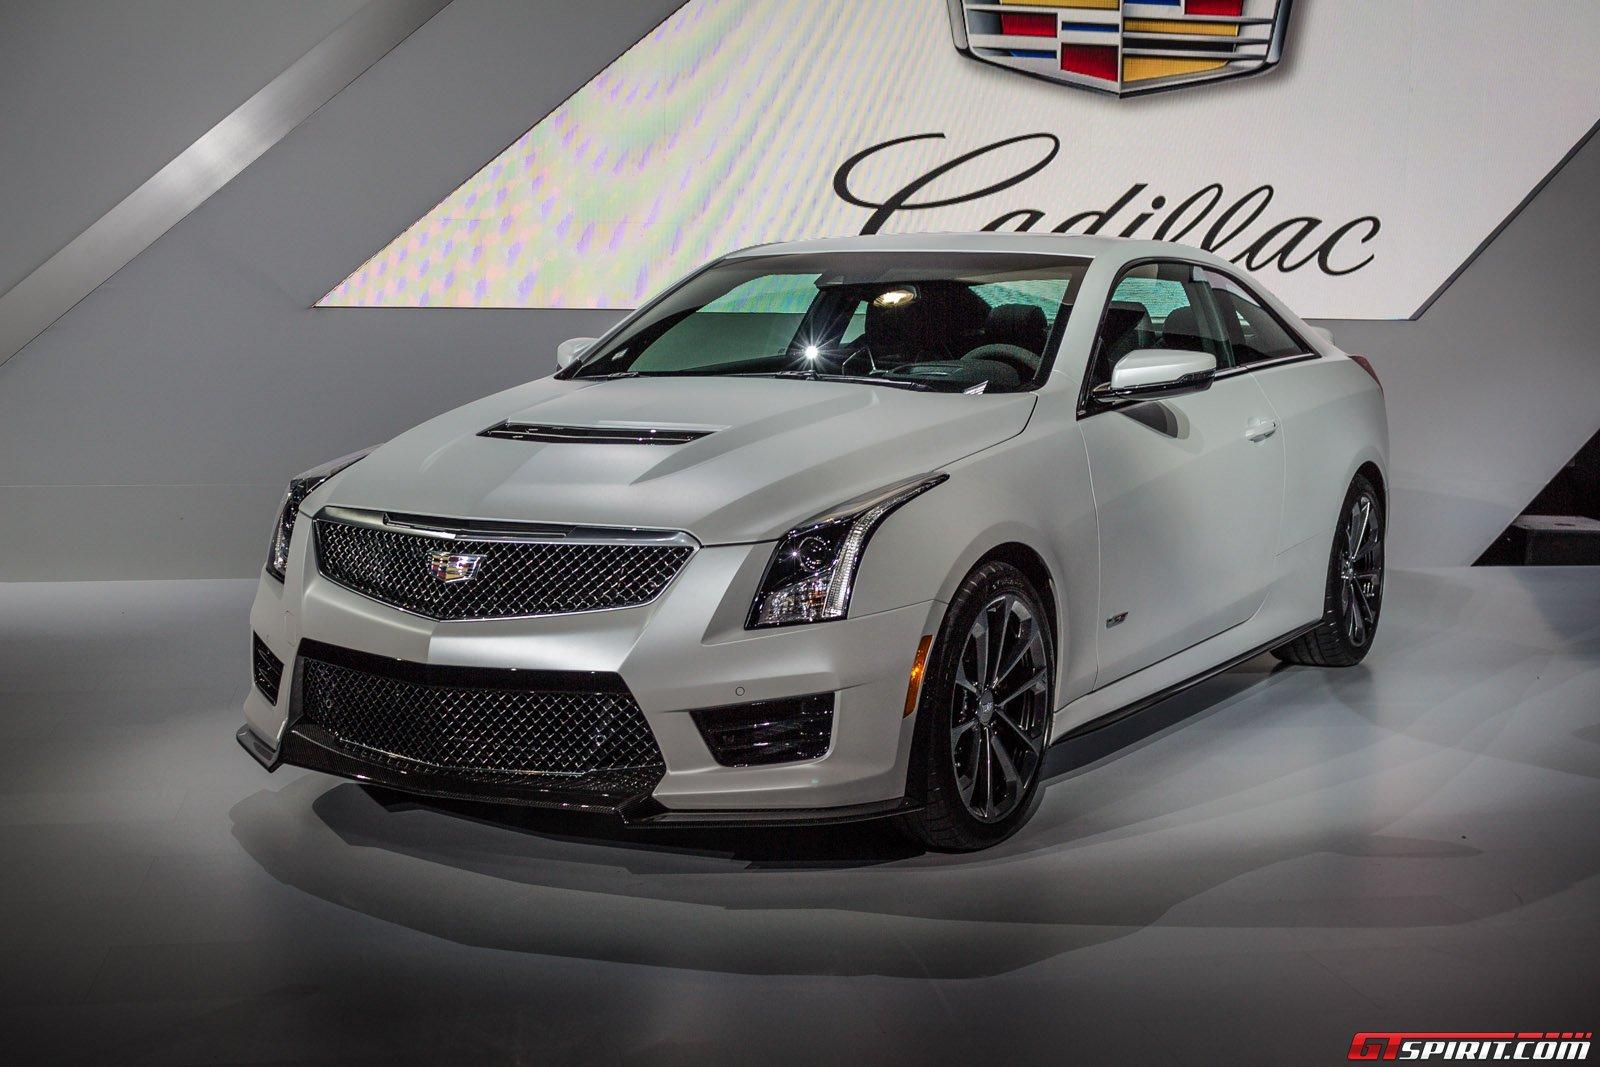 ats motor cars base and cadillac angular rating reviews front trend sedan